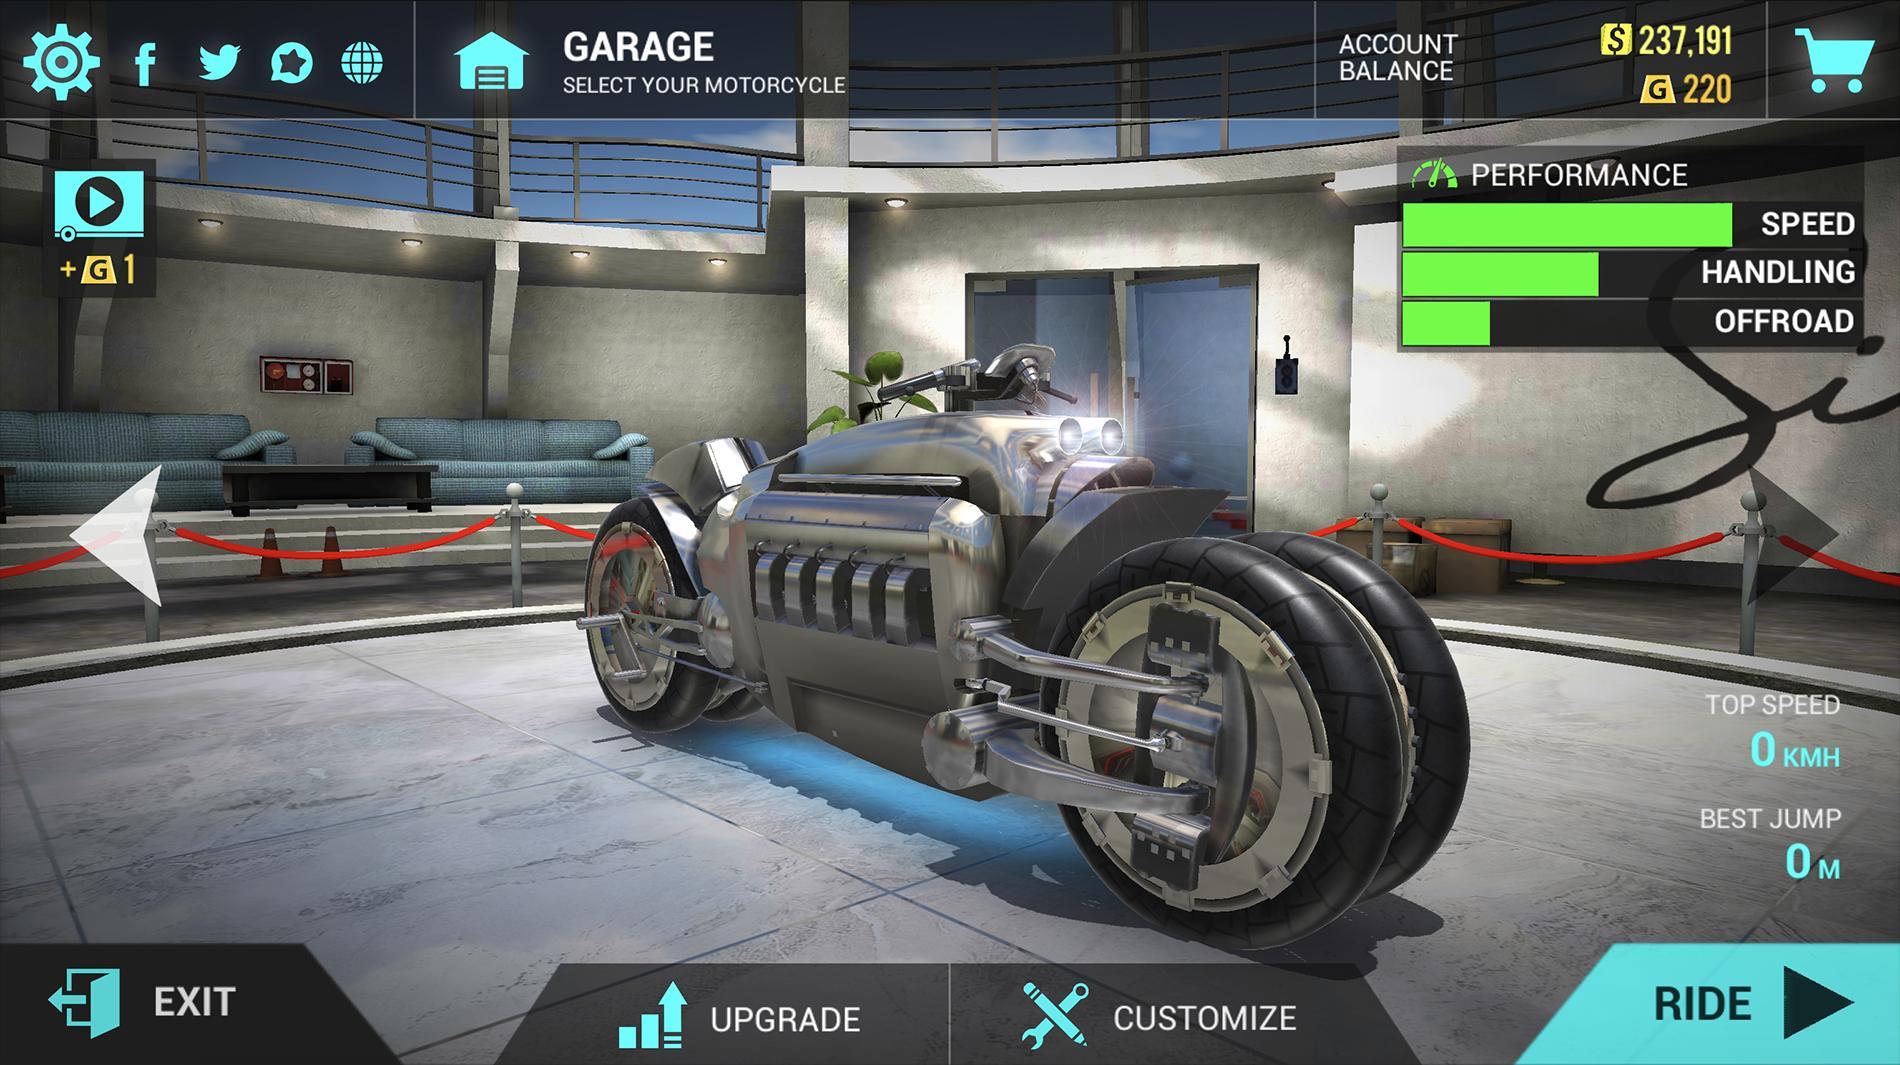 скачать ultimate motorcycle simulator взлом